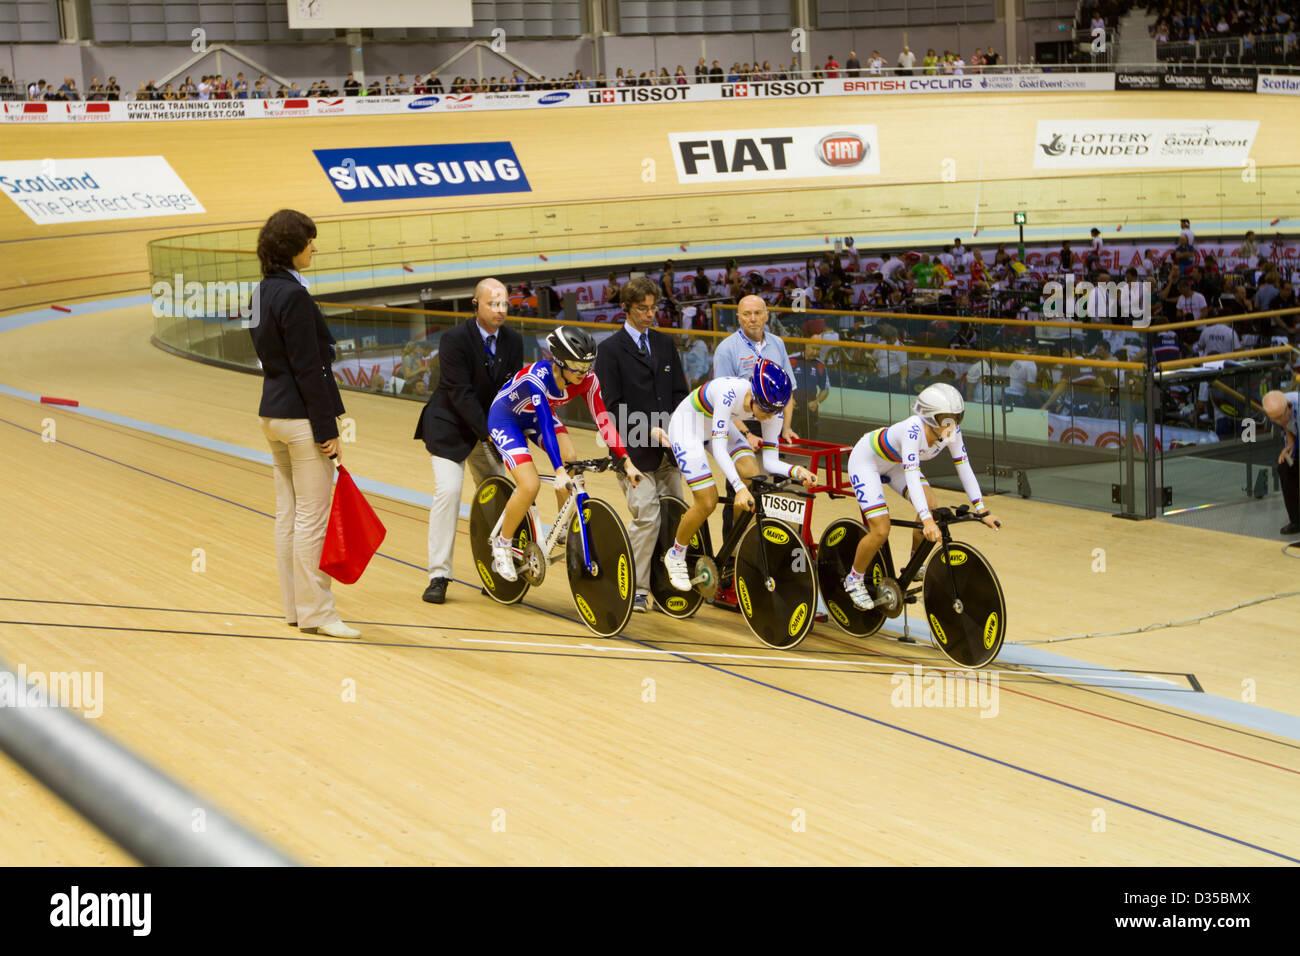 Gran Bretaña equipo femenino Búsqueda Inicio Imagen De Stock